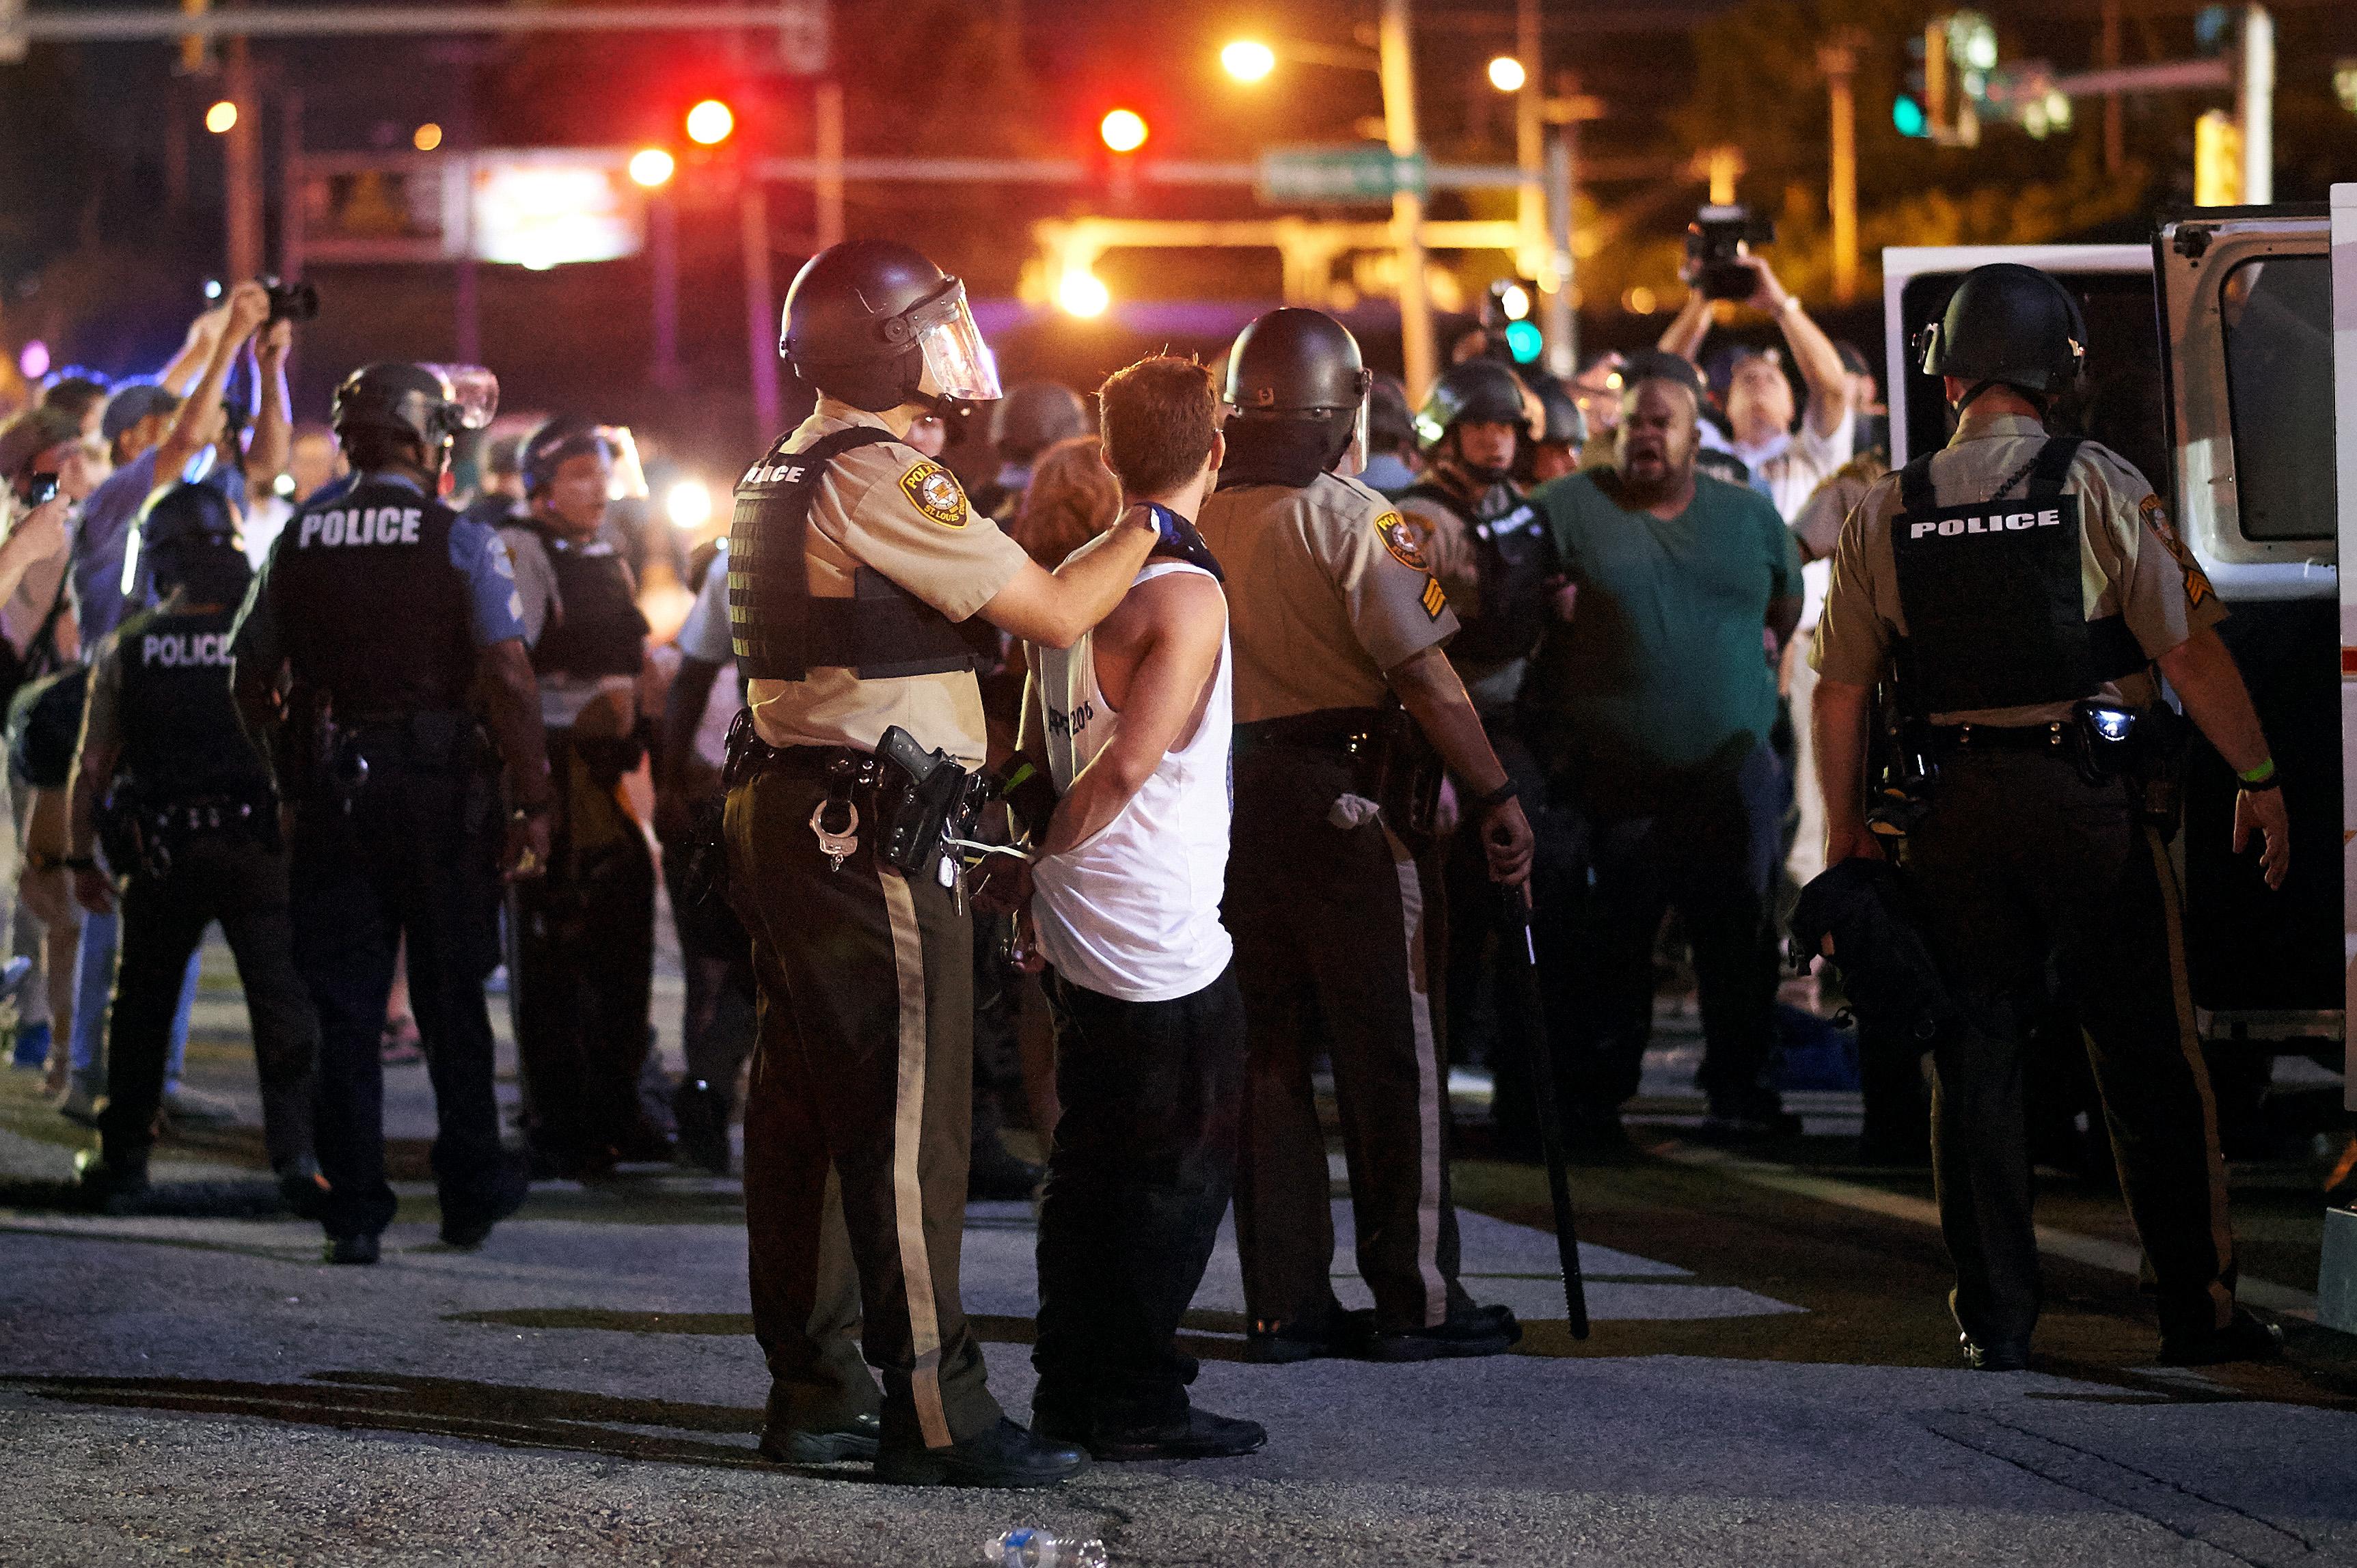 الشرطة تعتقل أحد المتظاهرين في فيرغسون